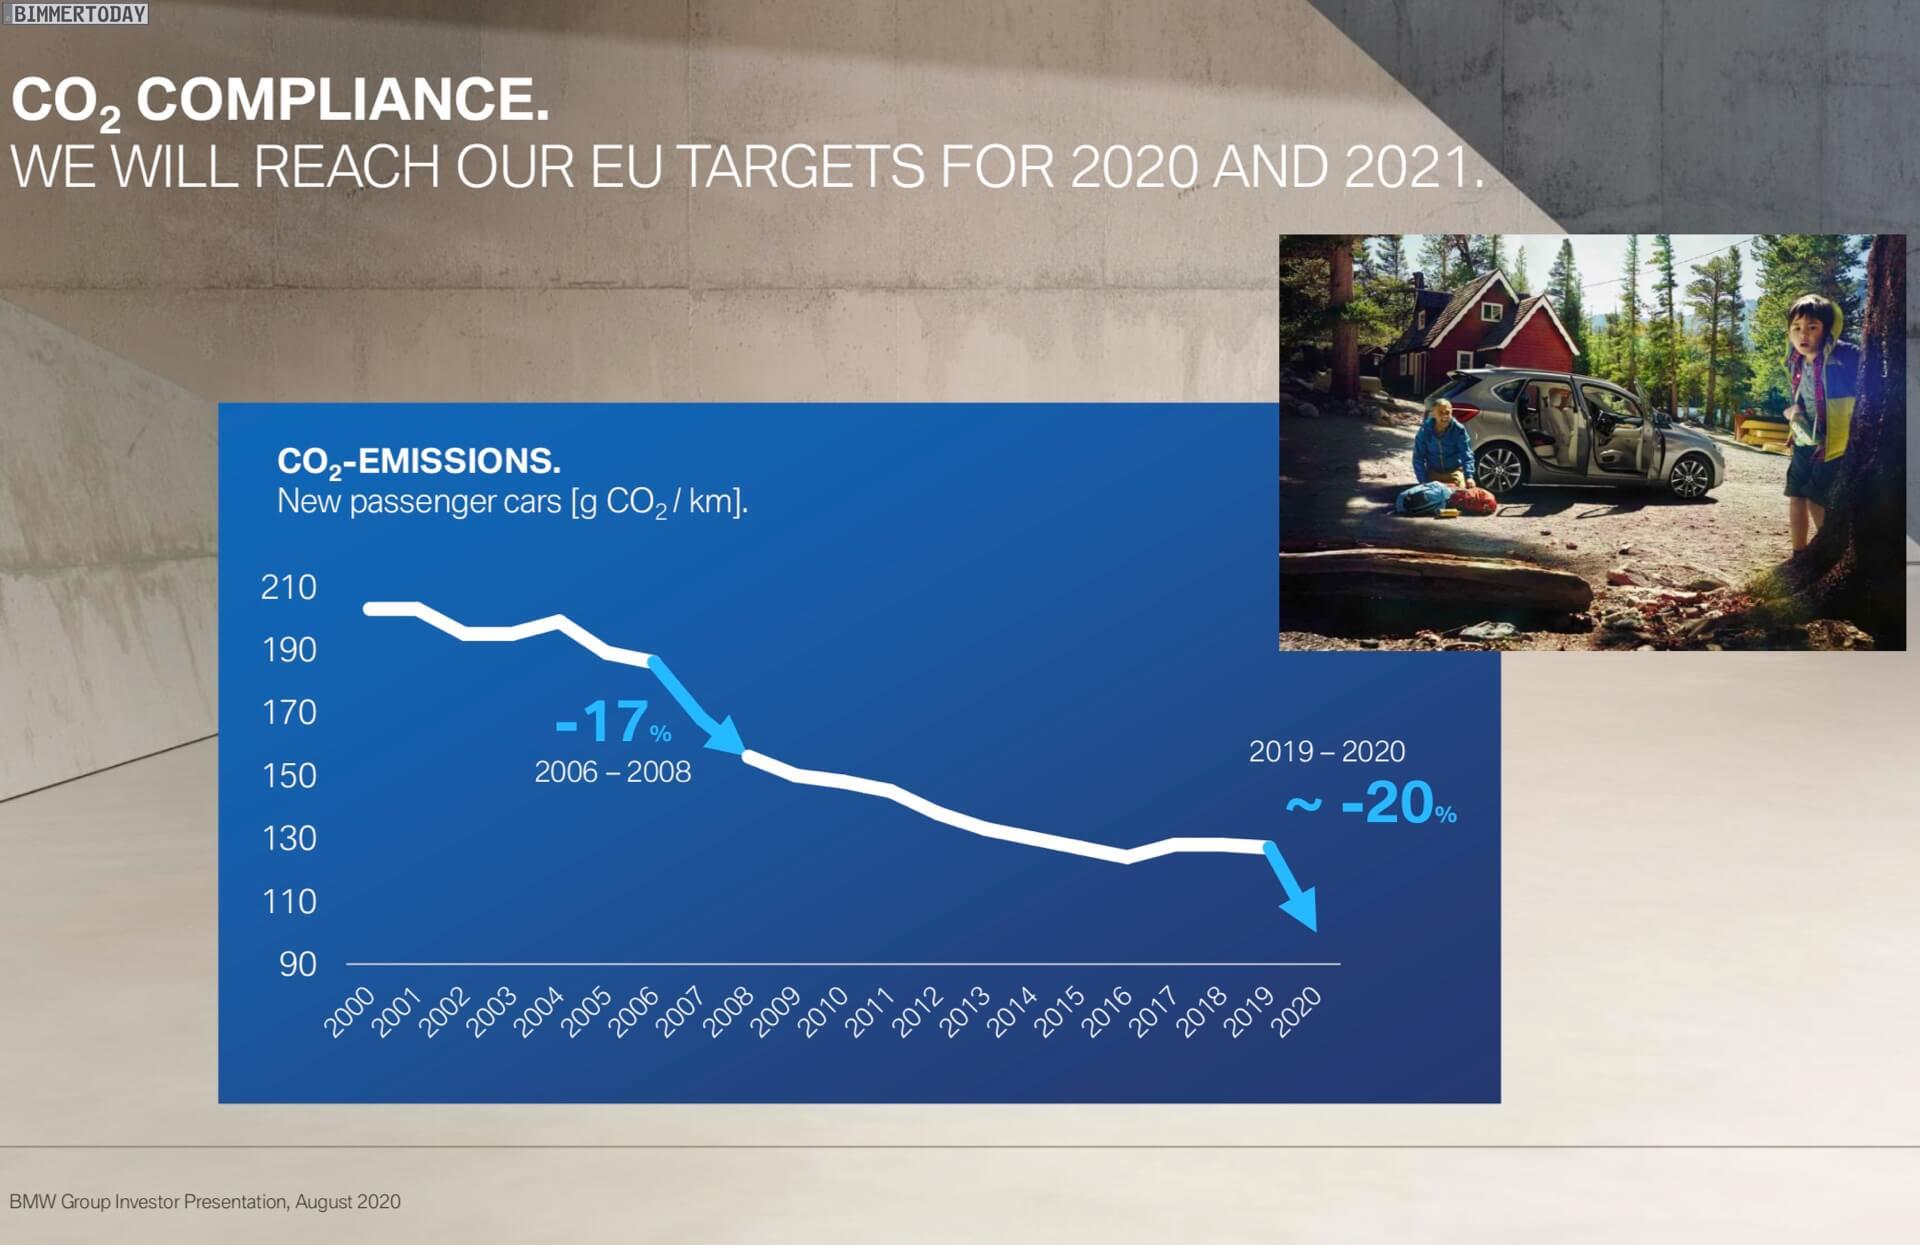 План по снижению выбросов углекислого газа BMW Group